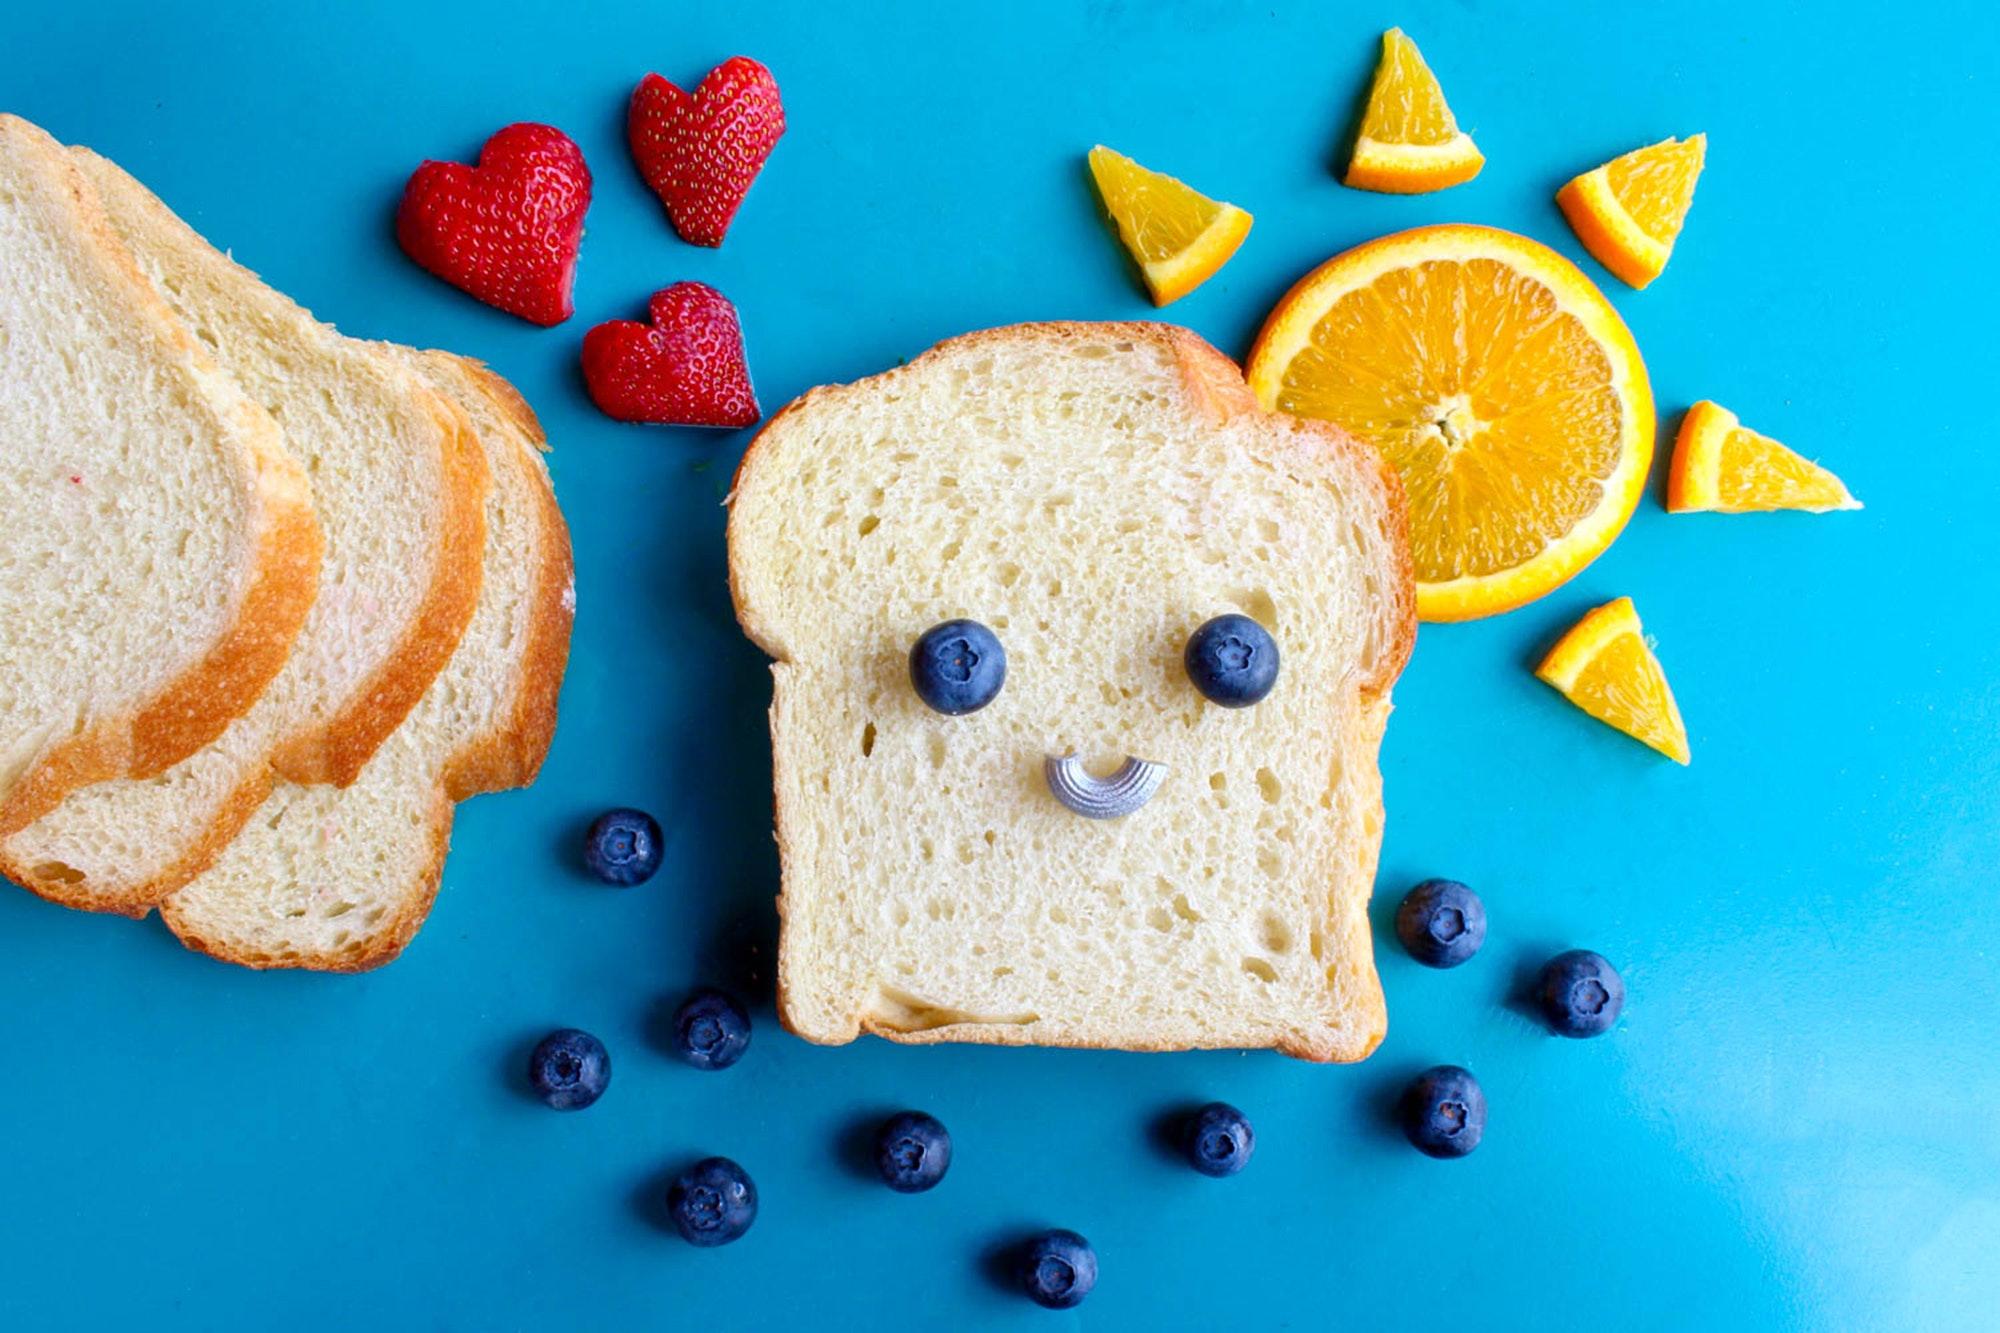 Module 2 Voeding B: Voeding en gezondheid